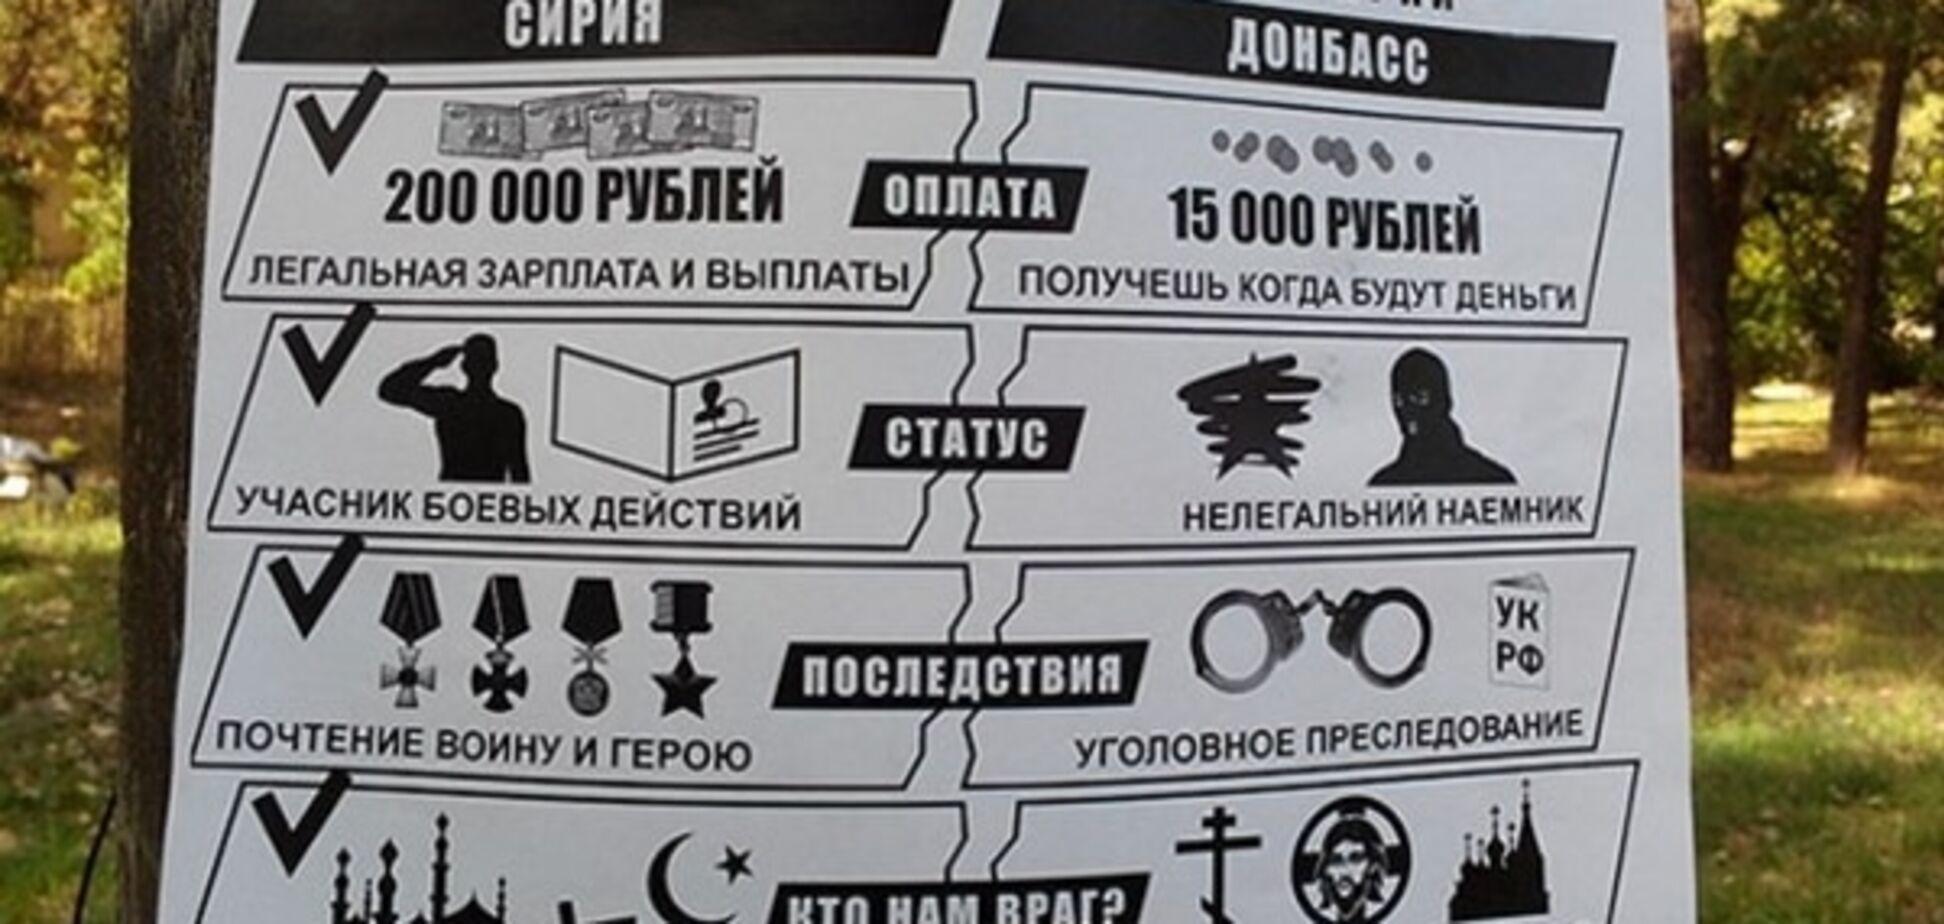 Куча денег и статус: террористов 'ДНР' позвали в Сирию, фотофакт